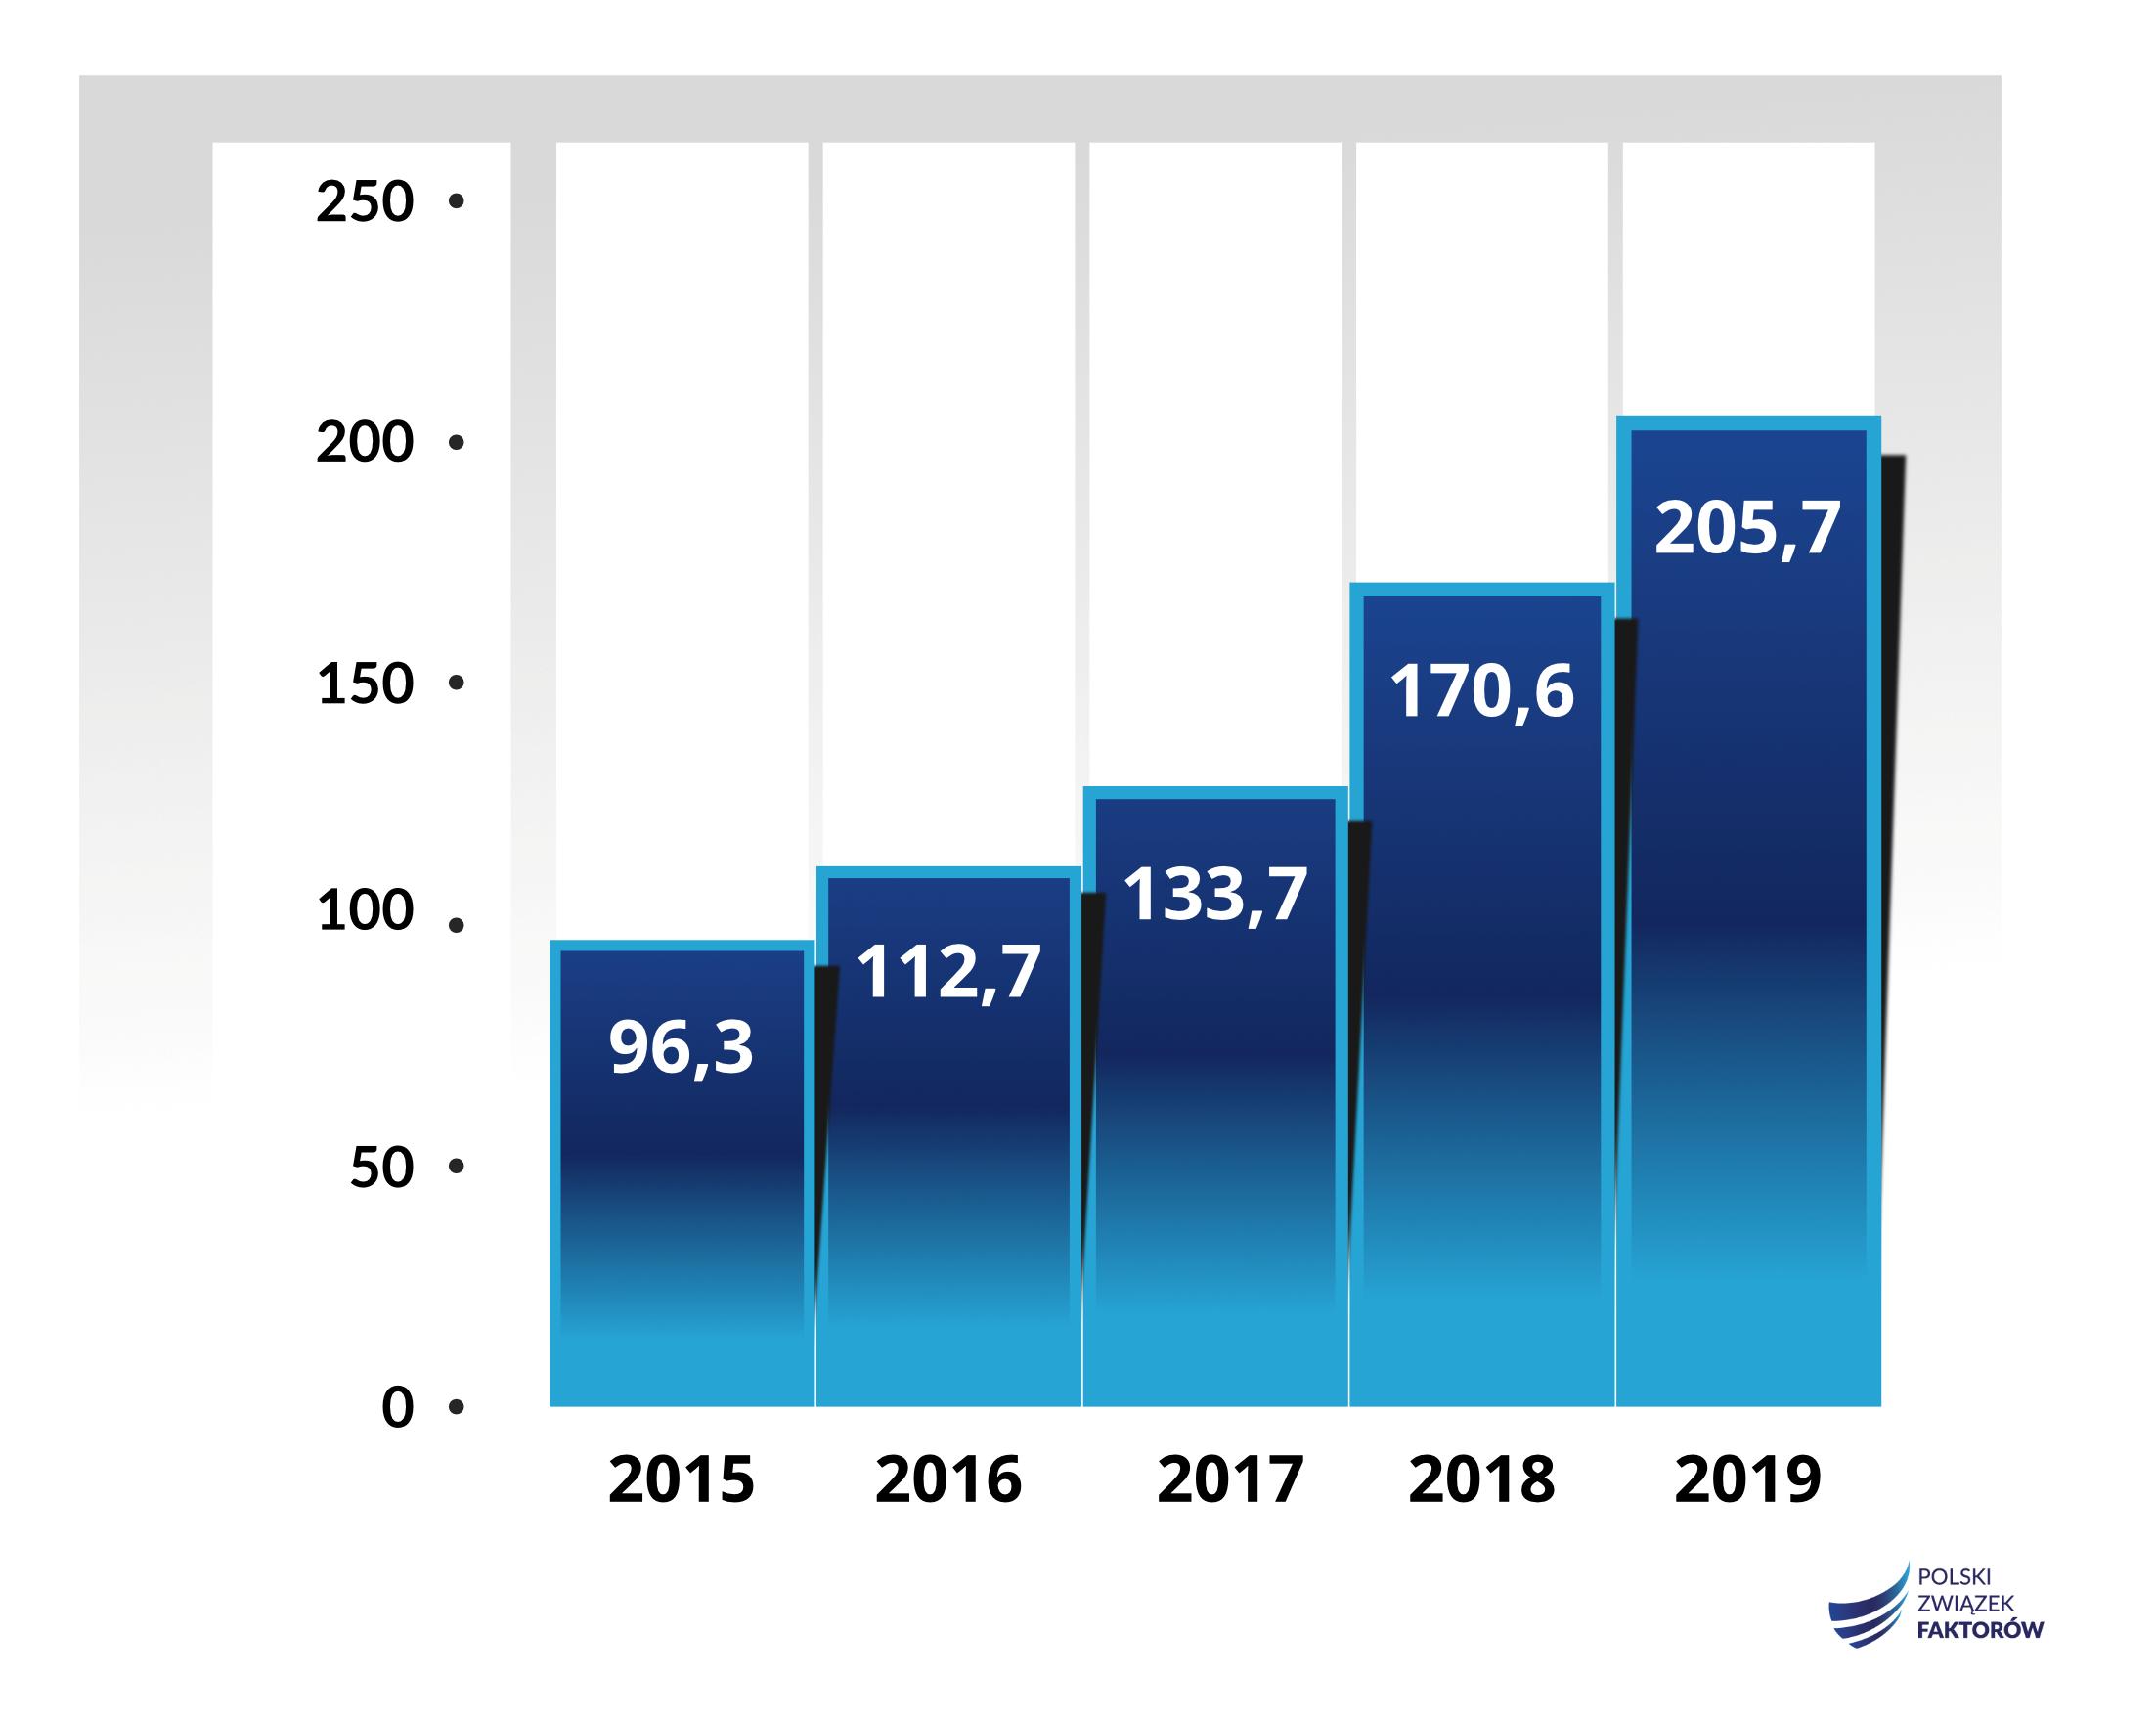 Obroty firm zrzeszonych w Polskim Związku Faktorów po 3 kwartałach 2019